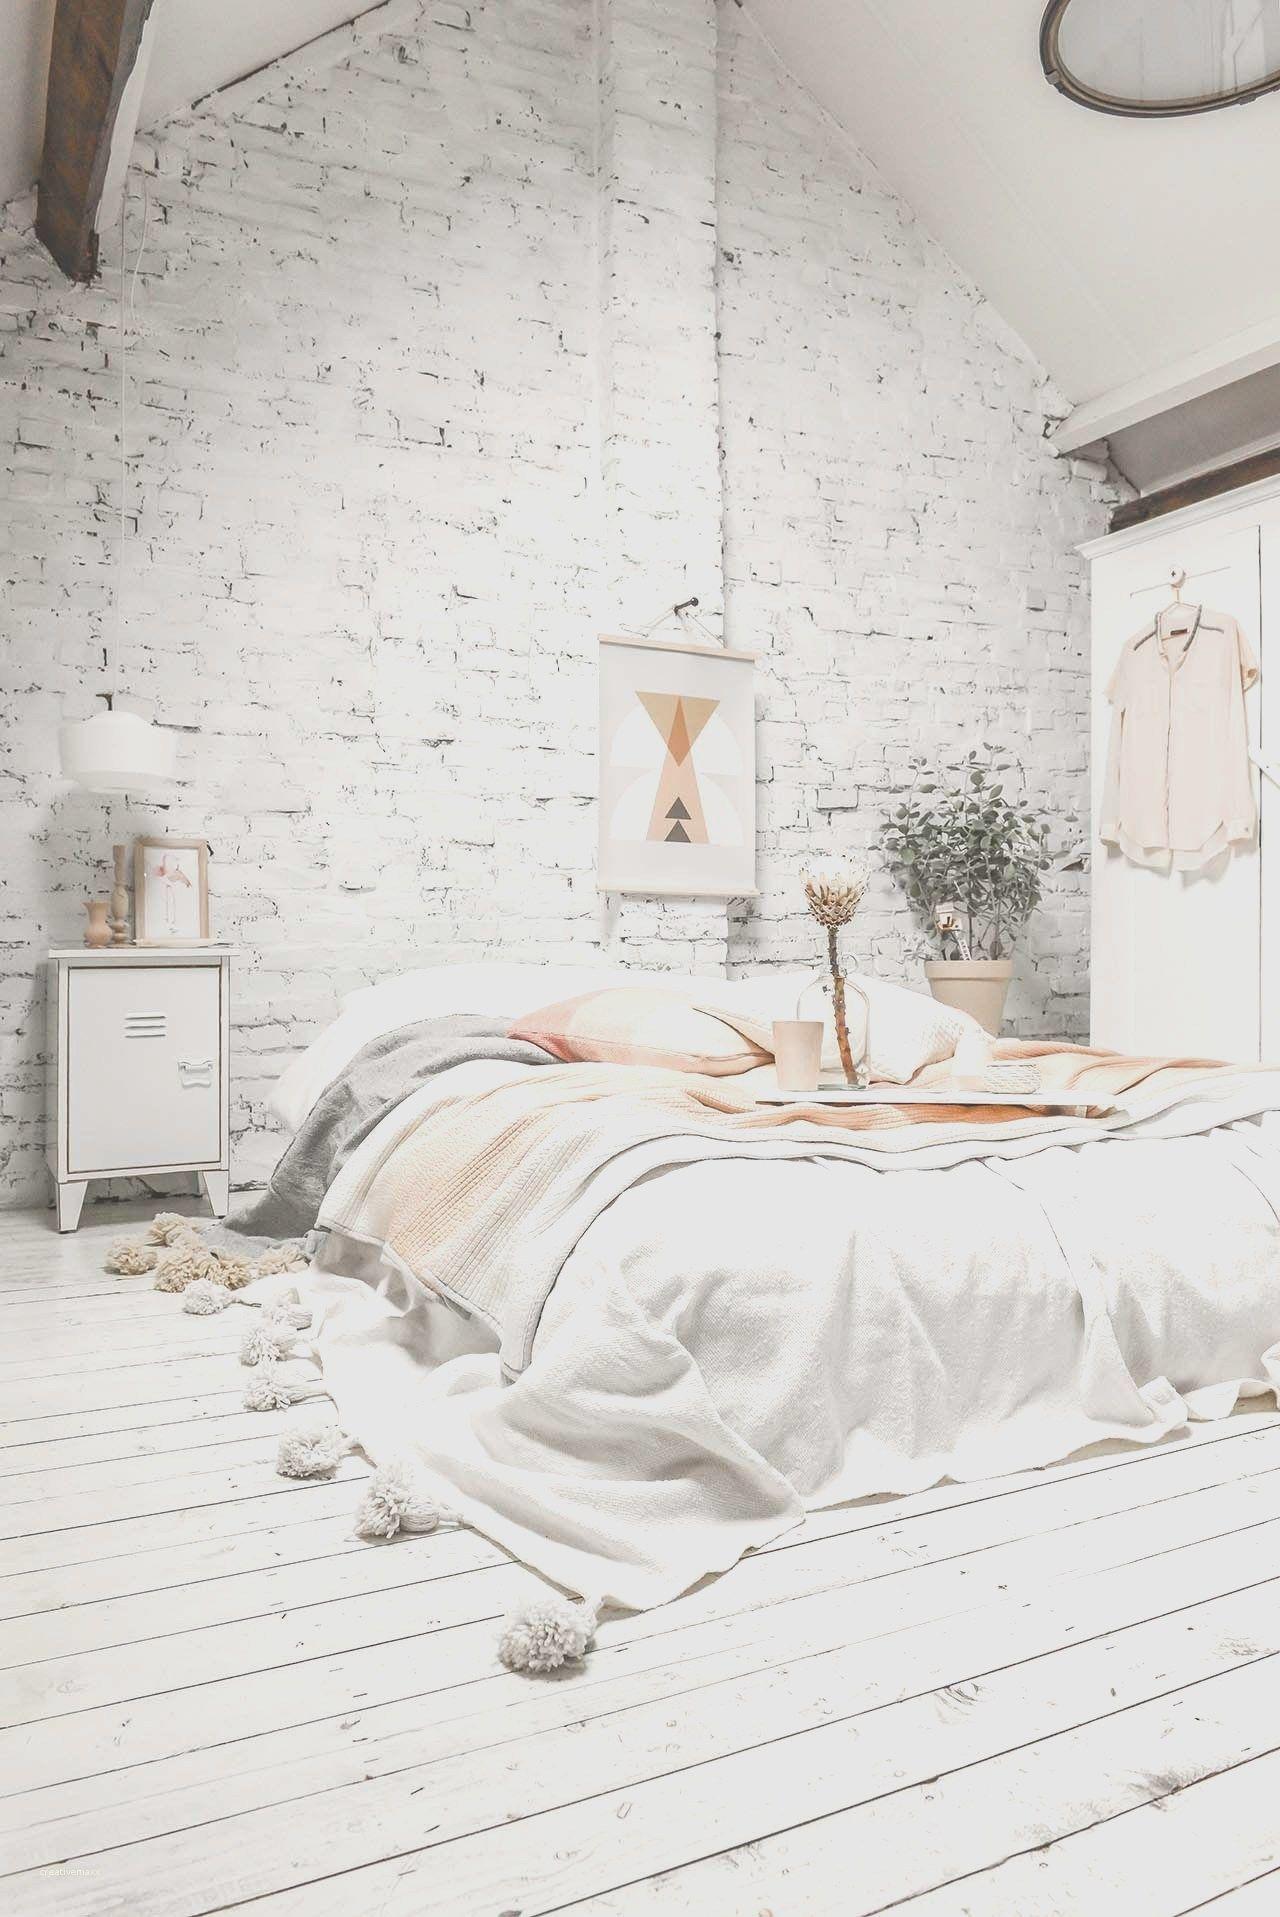 Rustic Scandinavian Bedroom Fresh Rustic Scandinavian Bedroom Scandinavian Bedroom Designs Enchanting Scandinavian Desi Bedroom Interior Home Bedroom Design